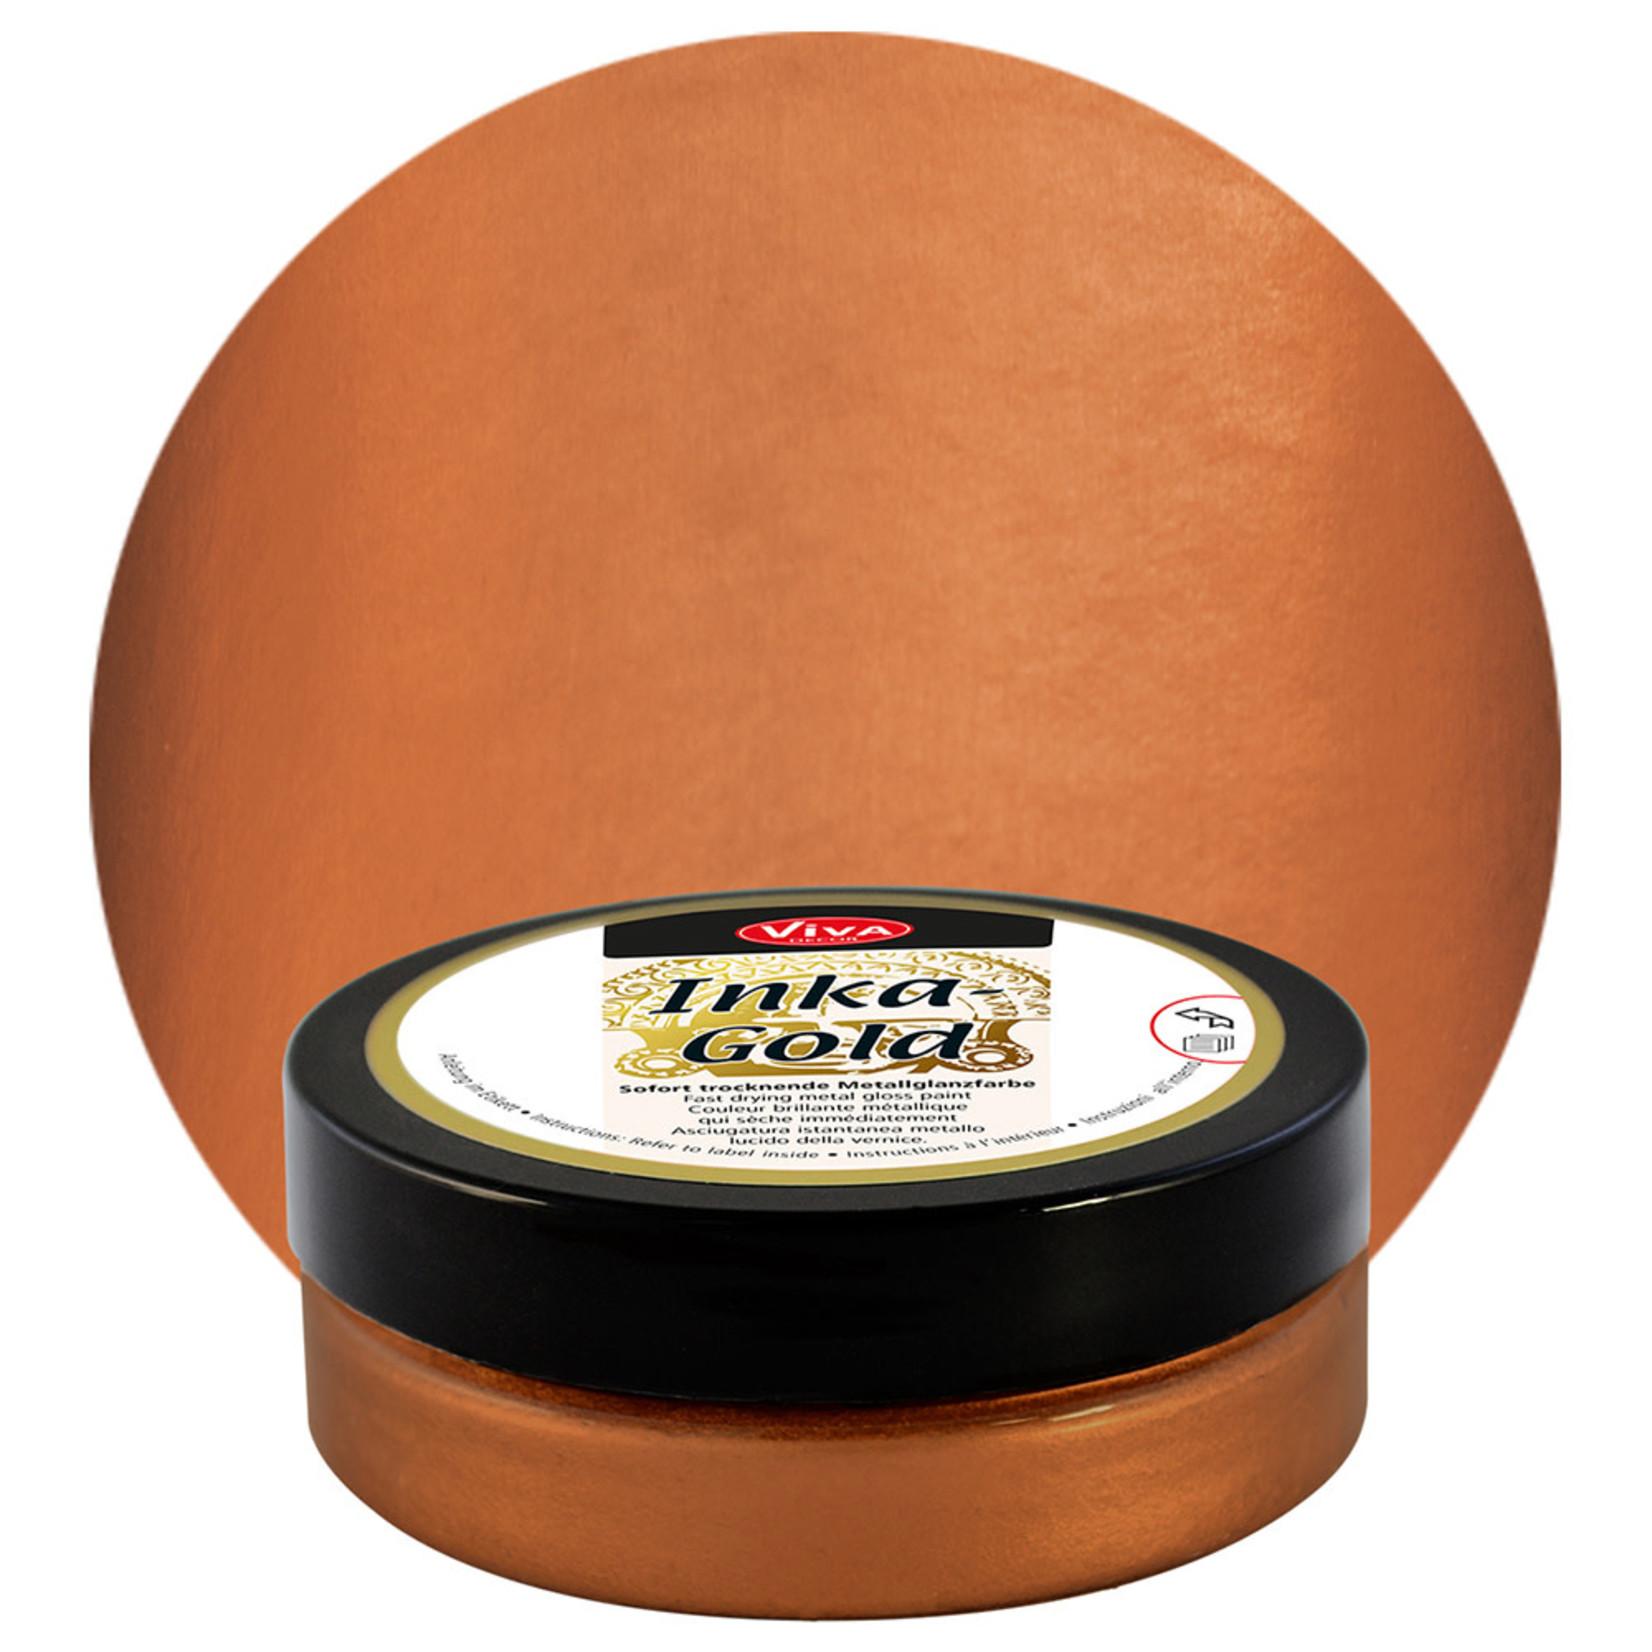 Viva Decor Inka Gold 62.5g - Copper